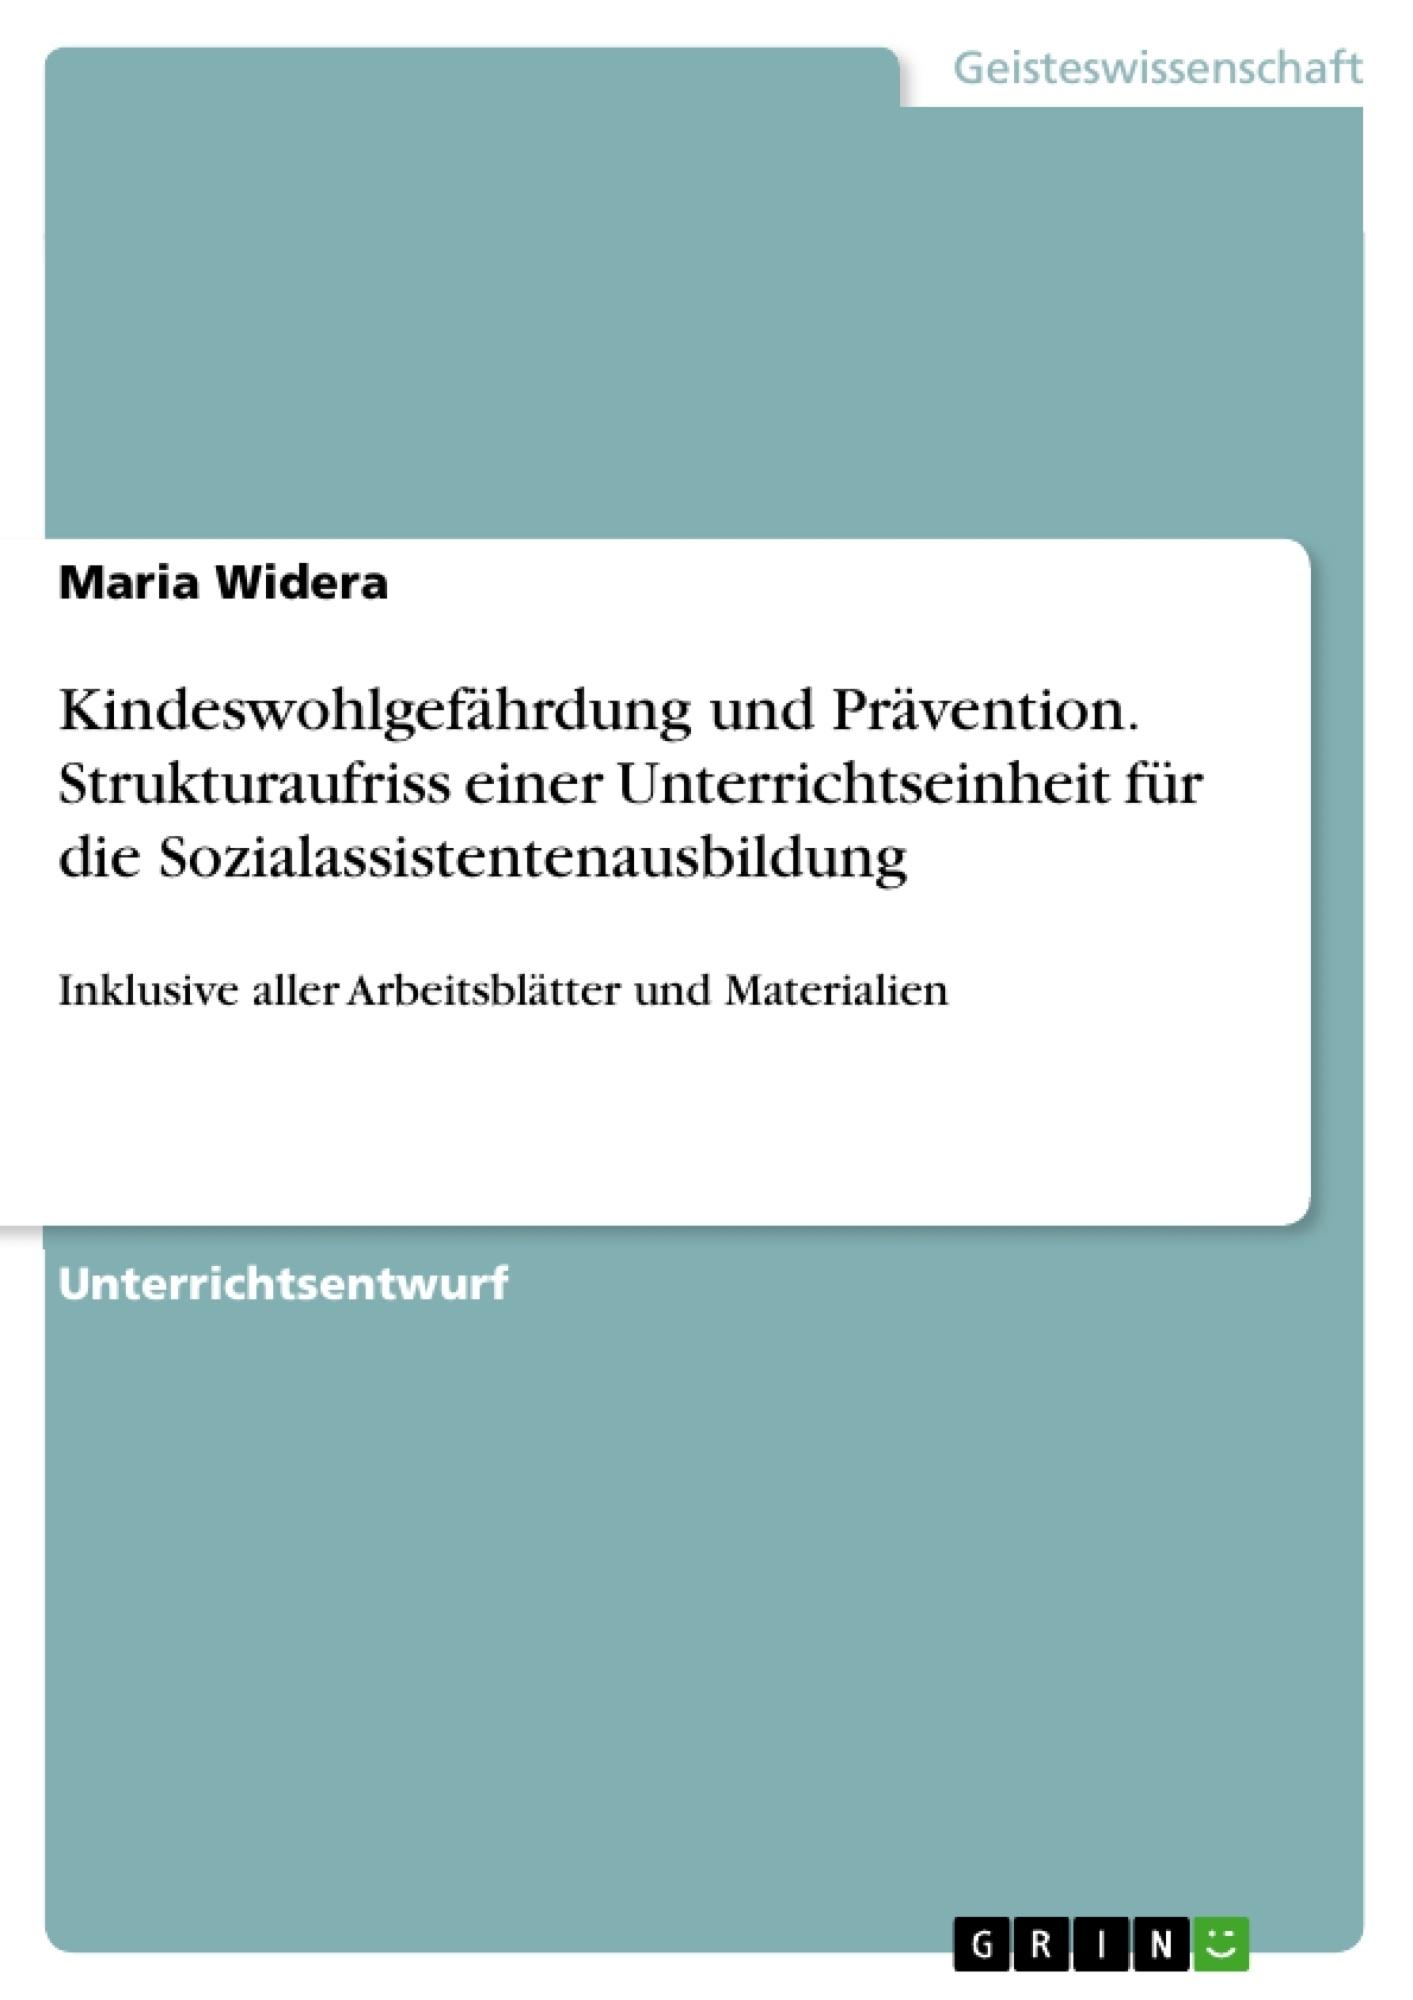 Titel: Kindeswohlgefährdung und Prävention. Strukturaufriss einer Unterrichtseinheit für die Sozialassistentenausbildung